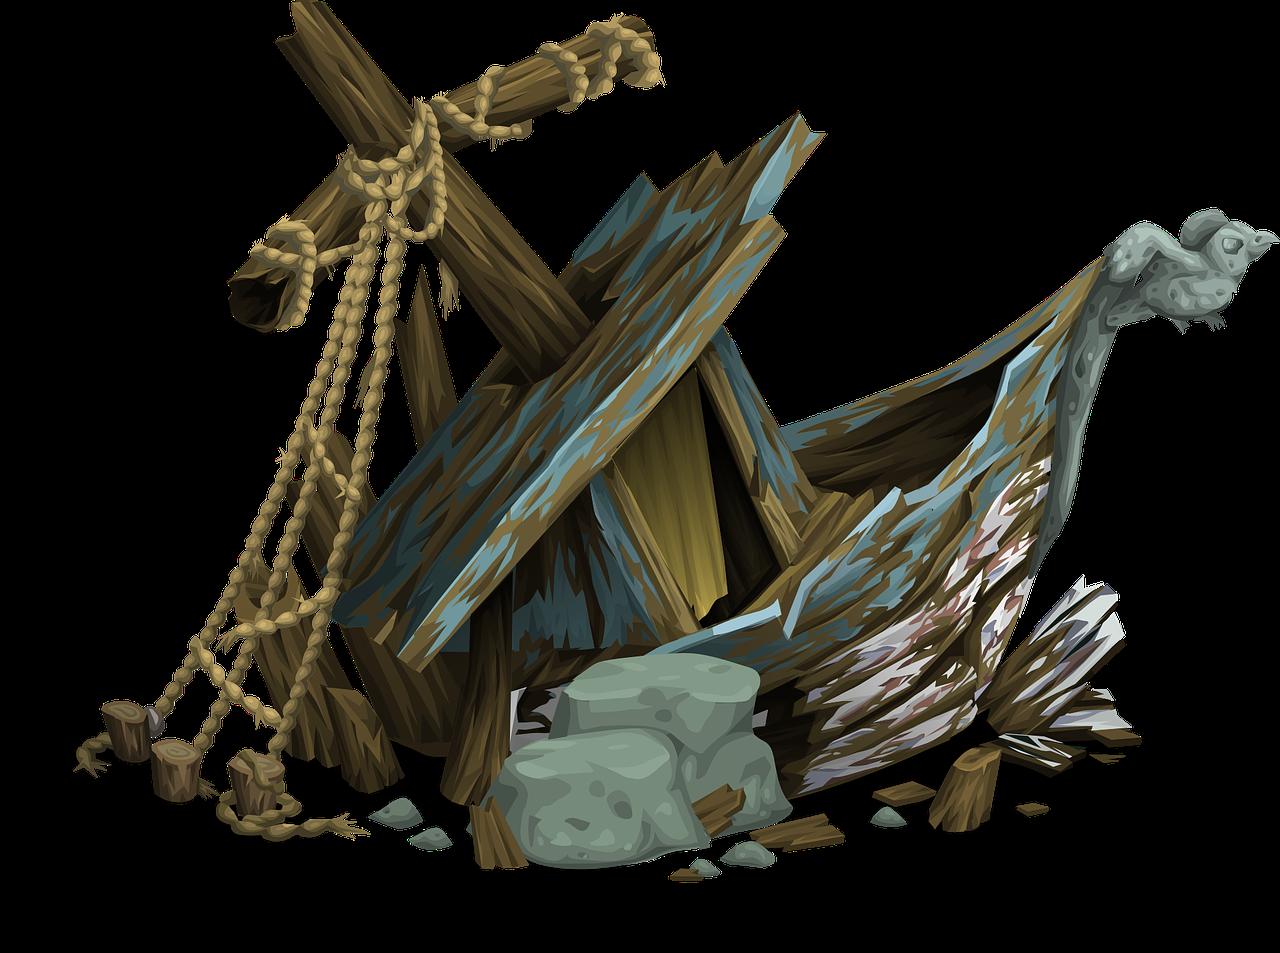 Shipwreck Clipart